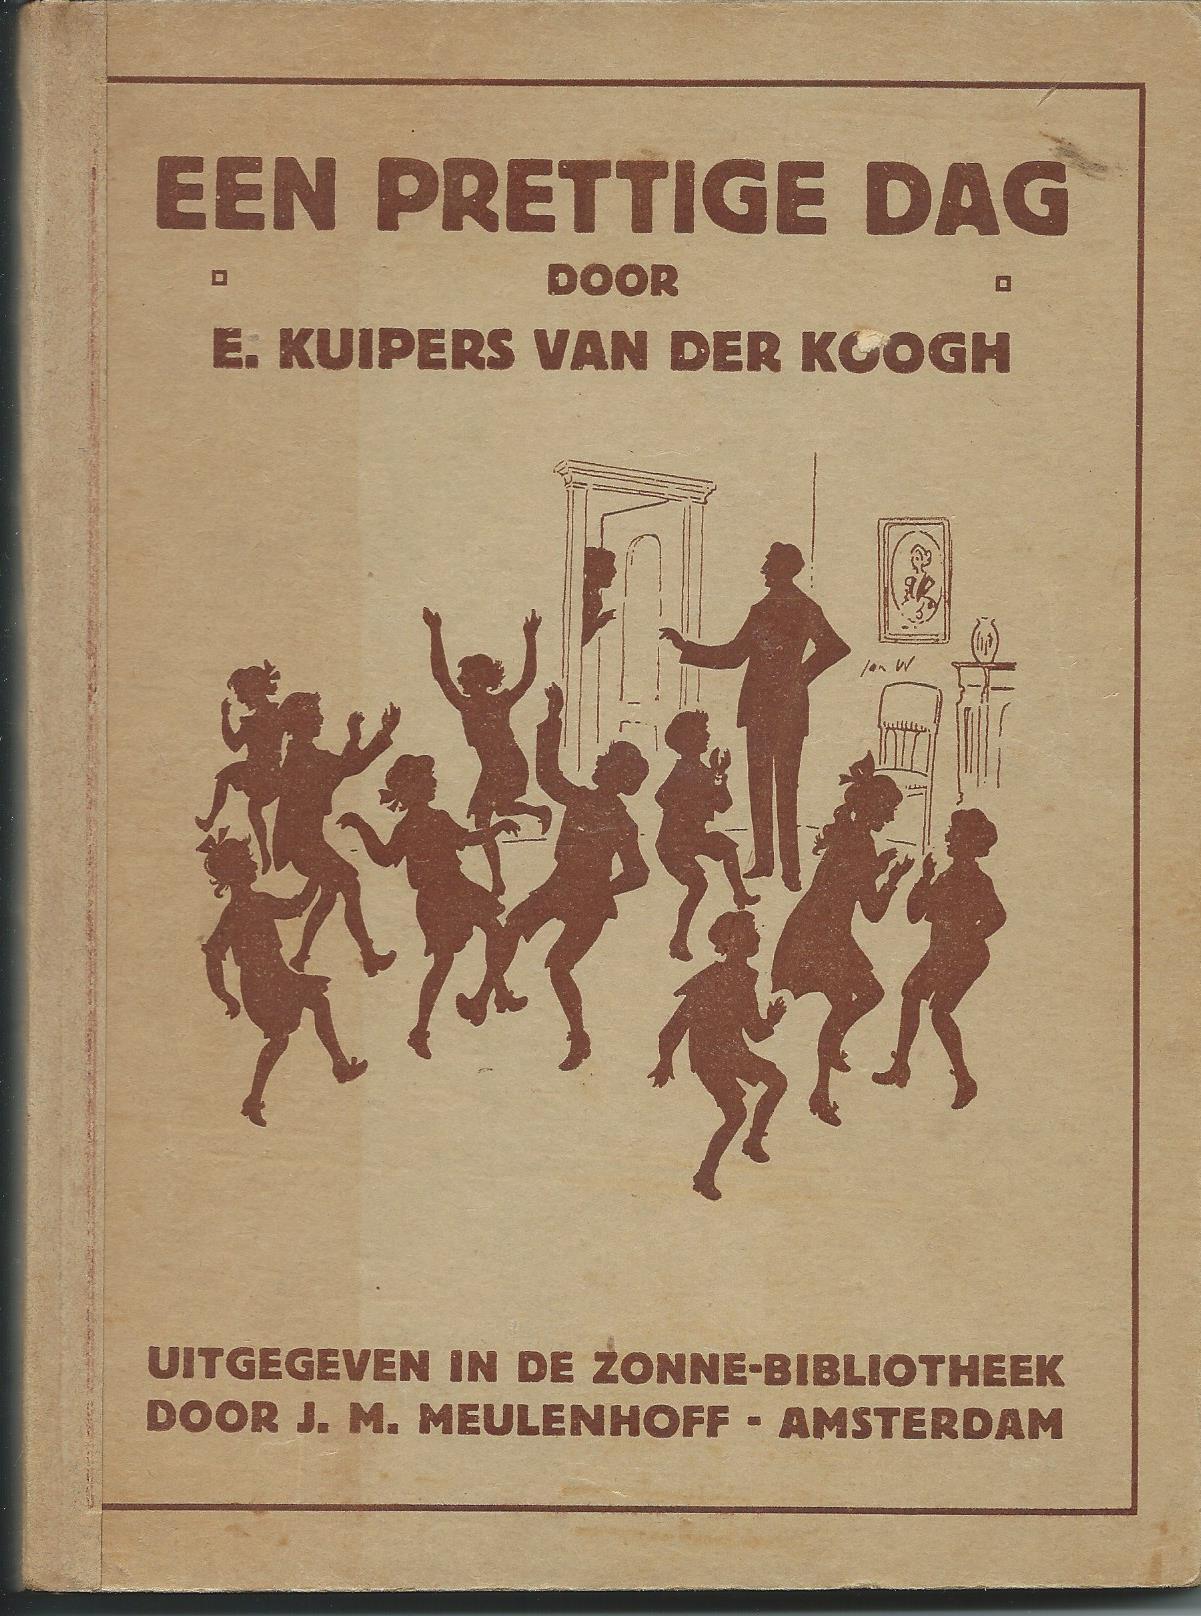 Jan Wiegman, ill. bij 'Een prettige dag' door E.Kuipers van der Koogh.